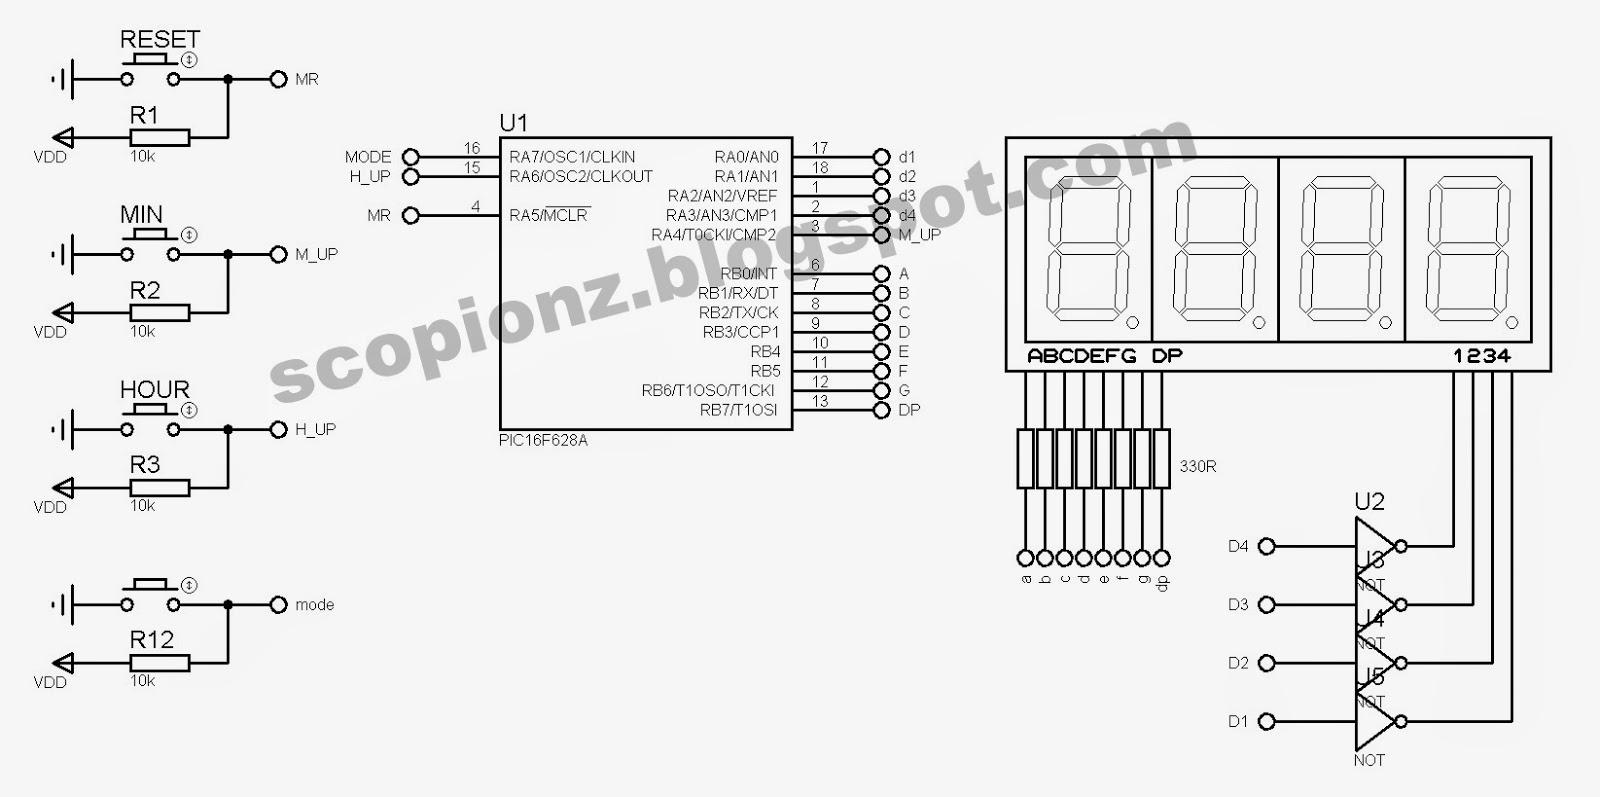 medium resolution of simple clock circuit clock schematic